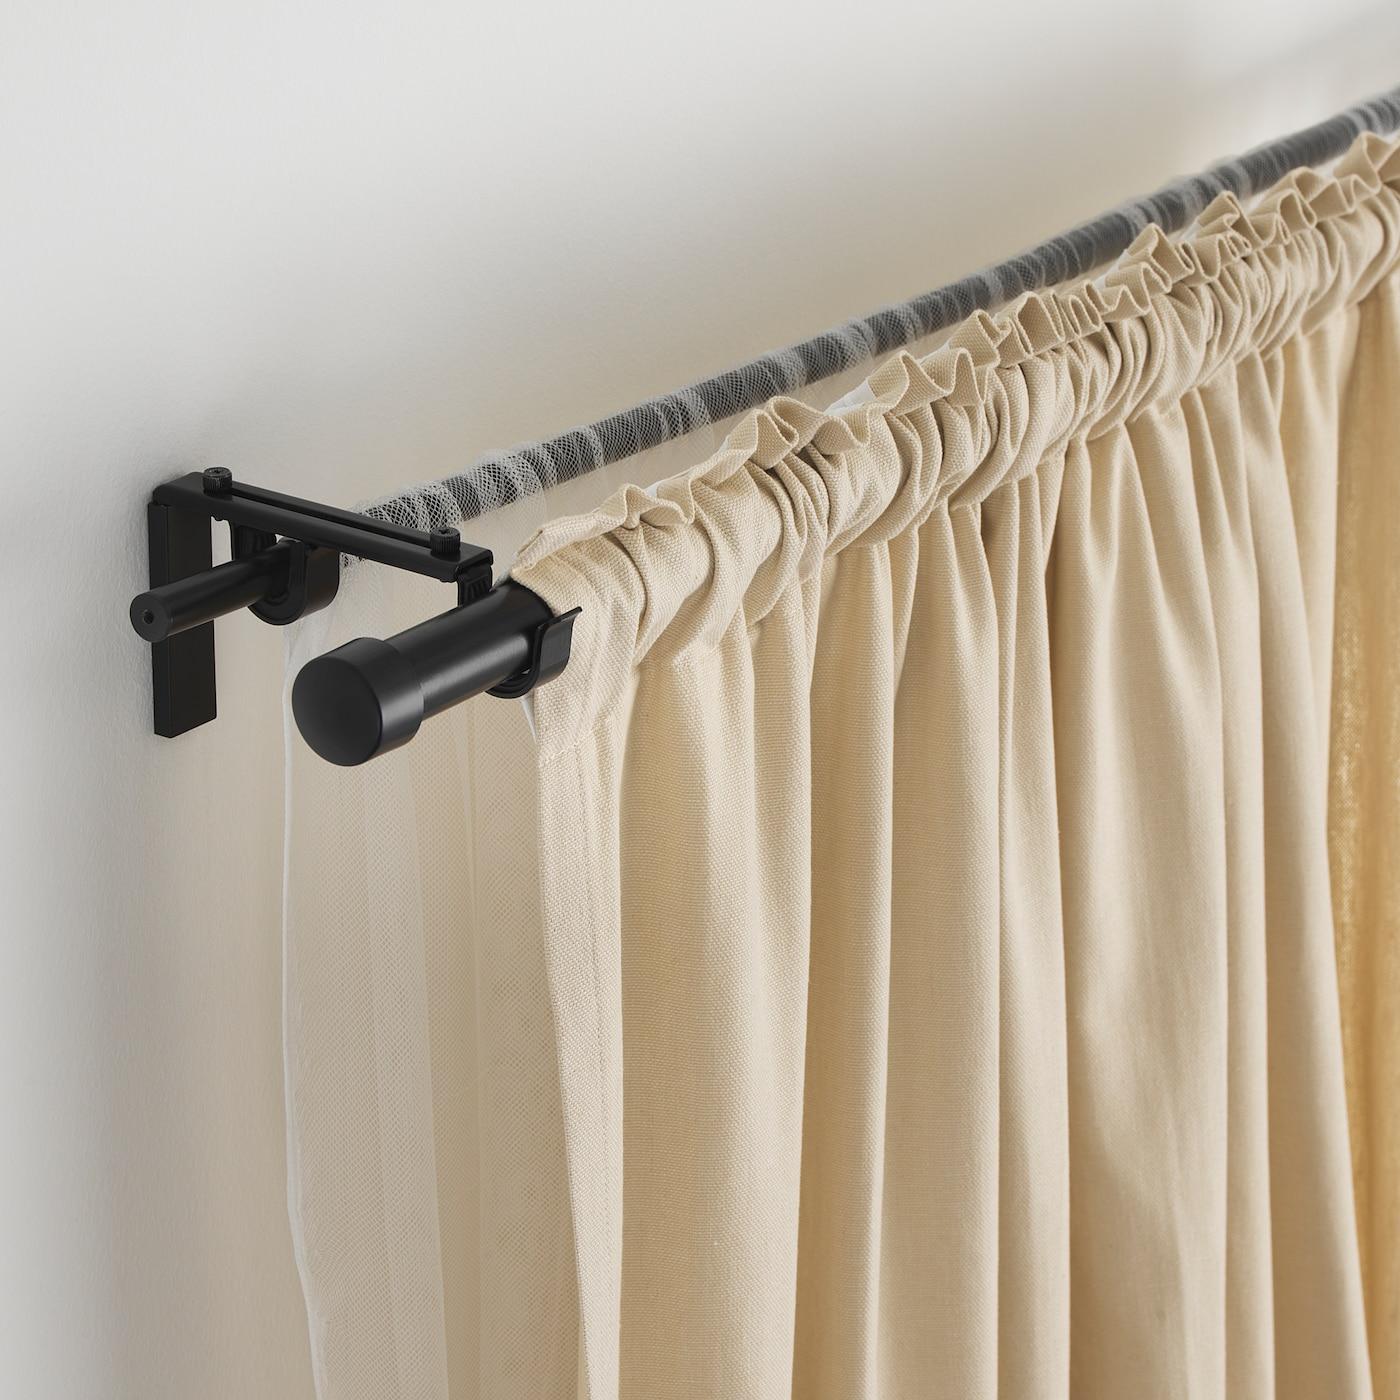 Hugad Double Curtain Rod Combination